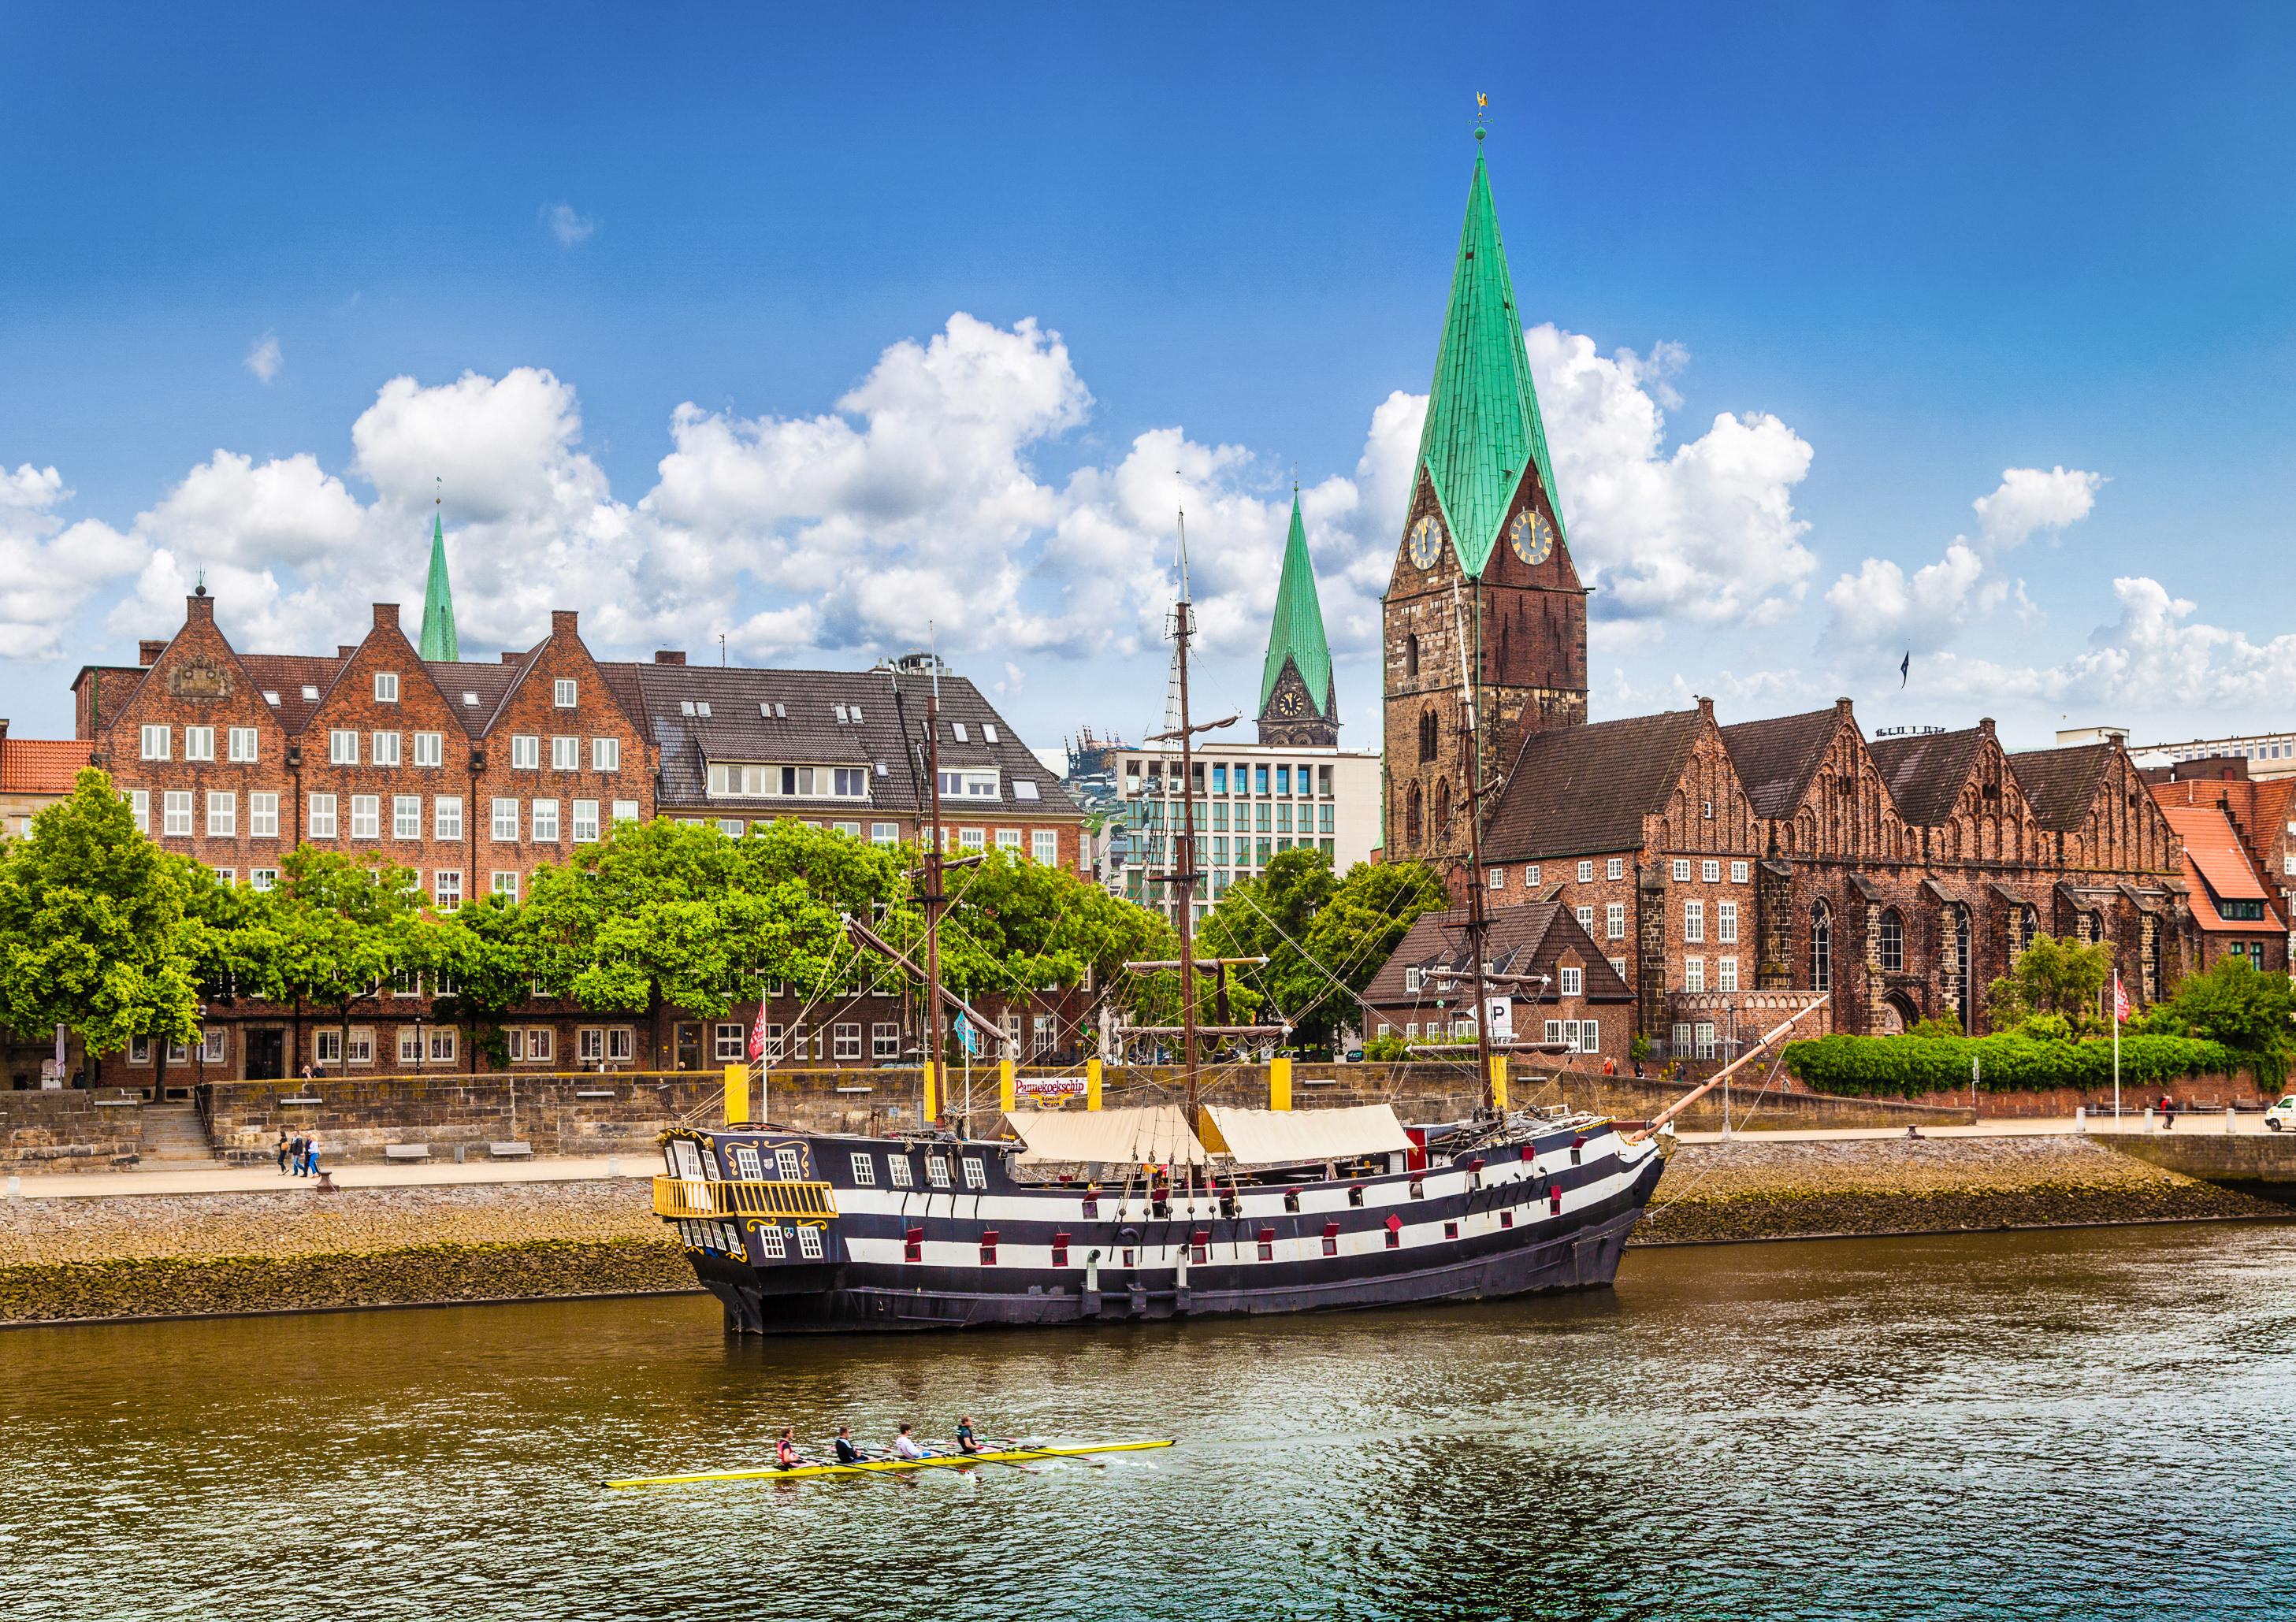 Brēmene, Vācija, Trāveminde, vecpilsēta, ekskursija, uz Vāciju, izpēti, arhitektūra, baznīca, ostas pilsēta